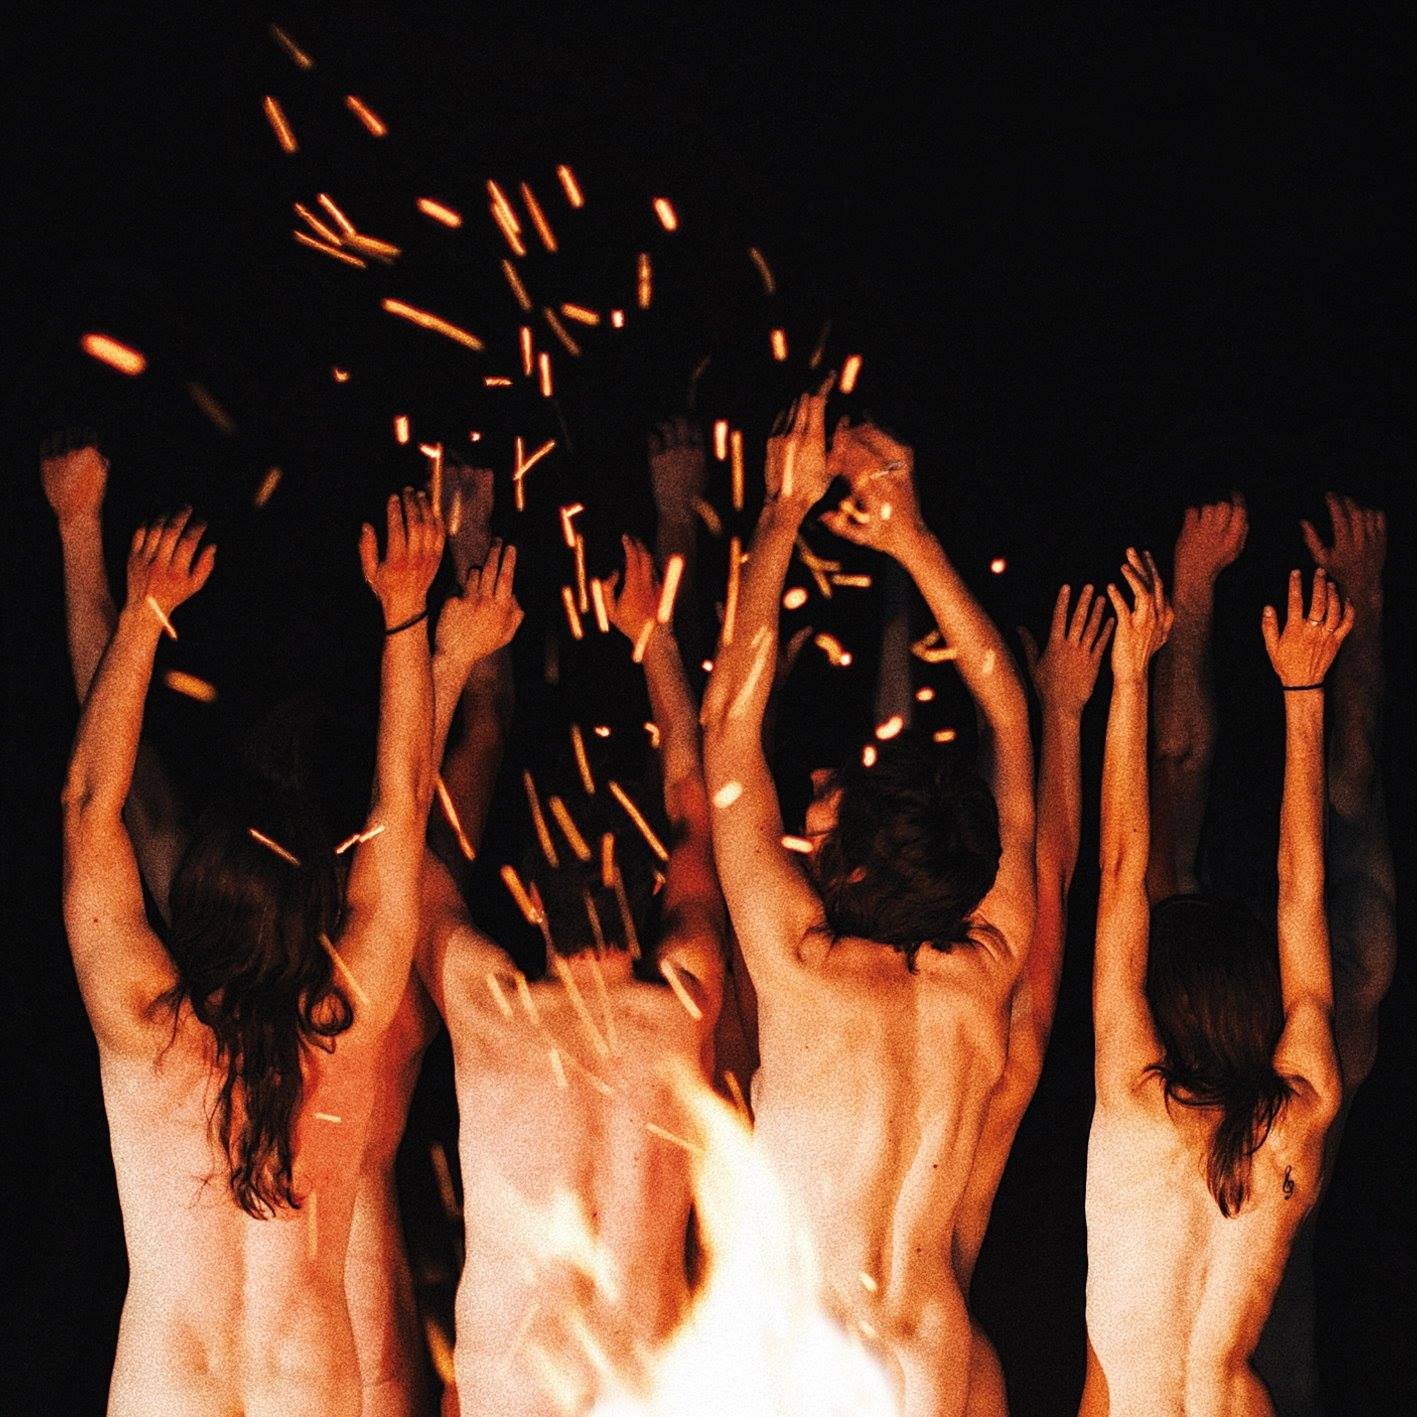 Mademoiselle K, album Sous les brûlures l'incandescence intacte